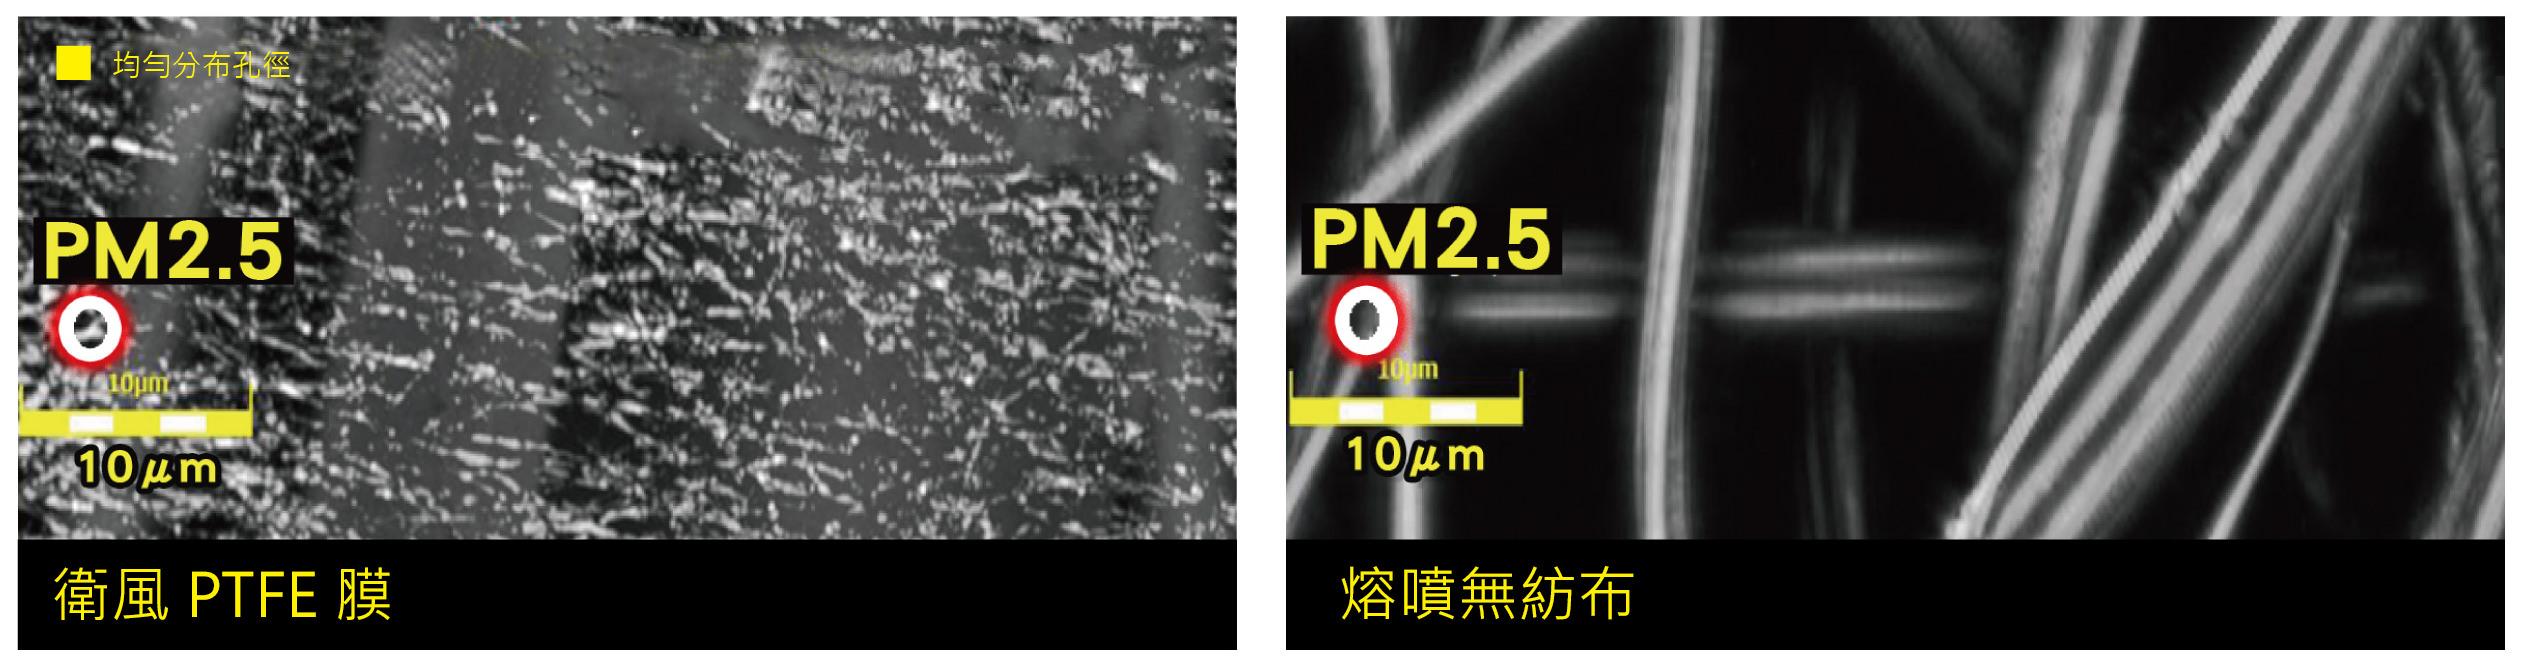 高效ptfe膜技術